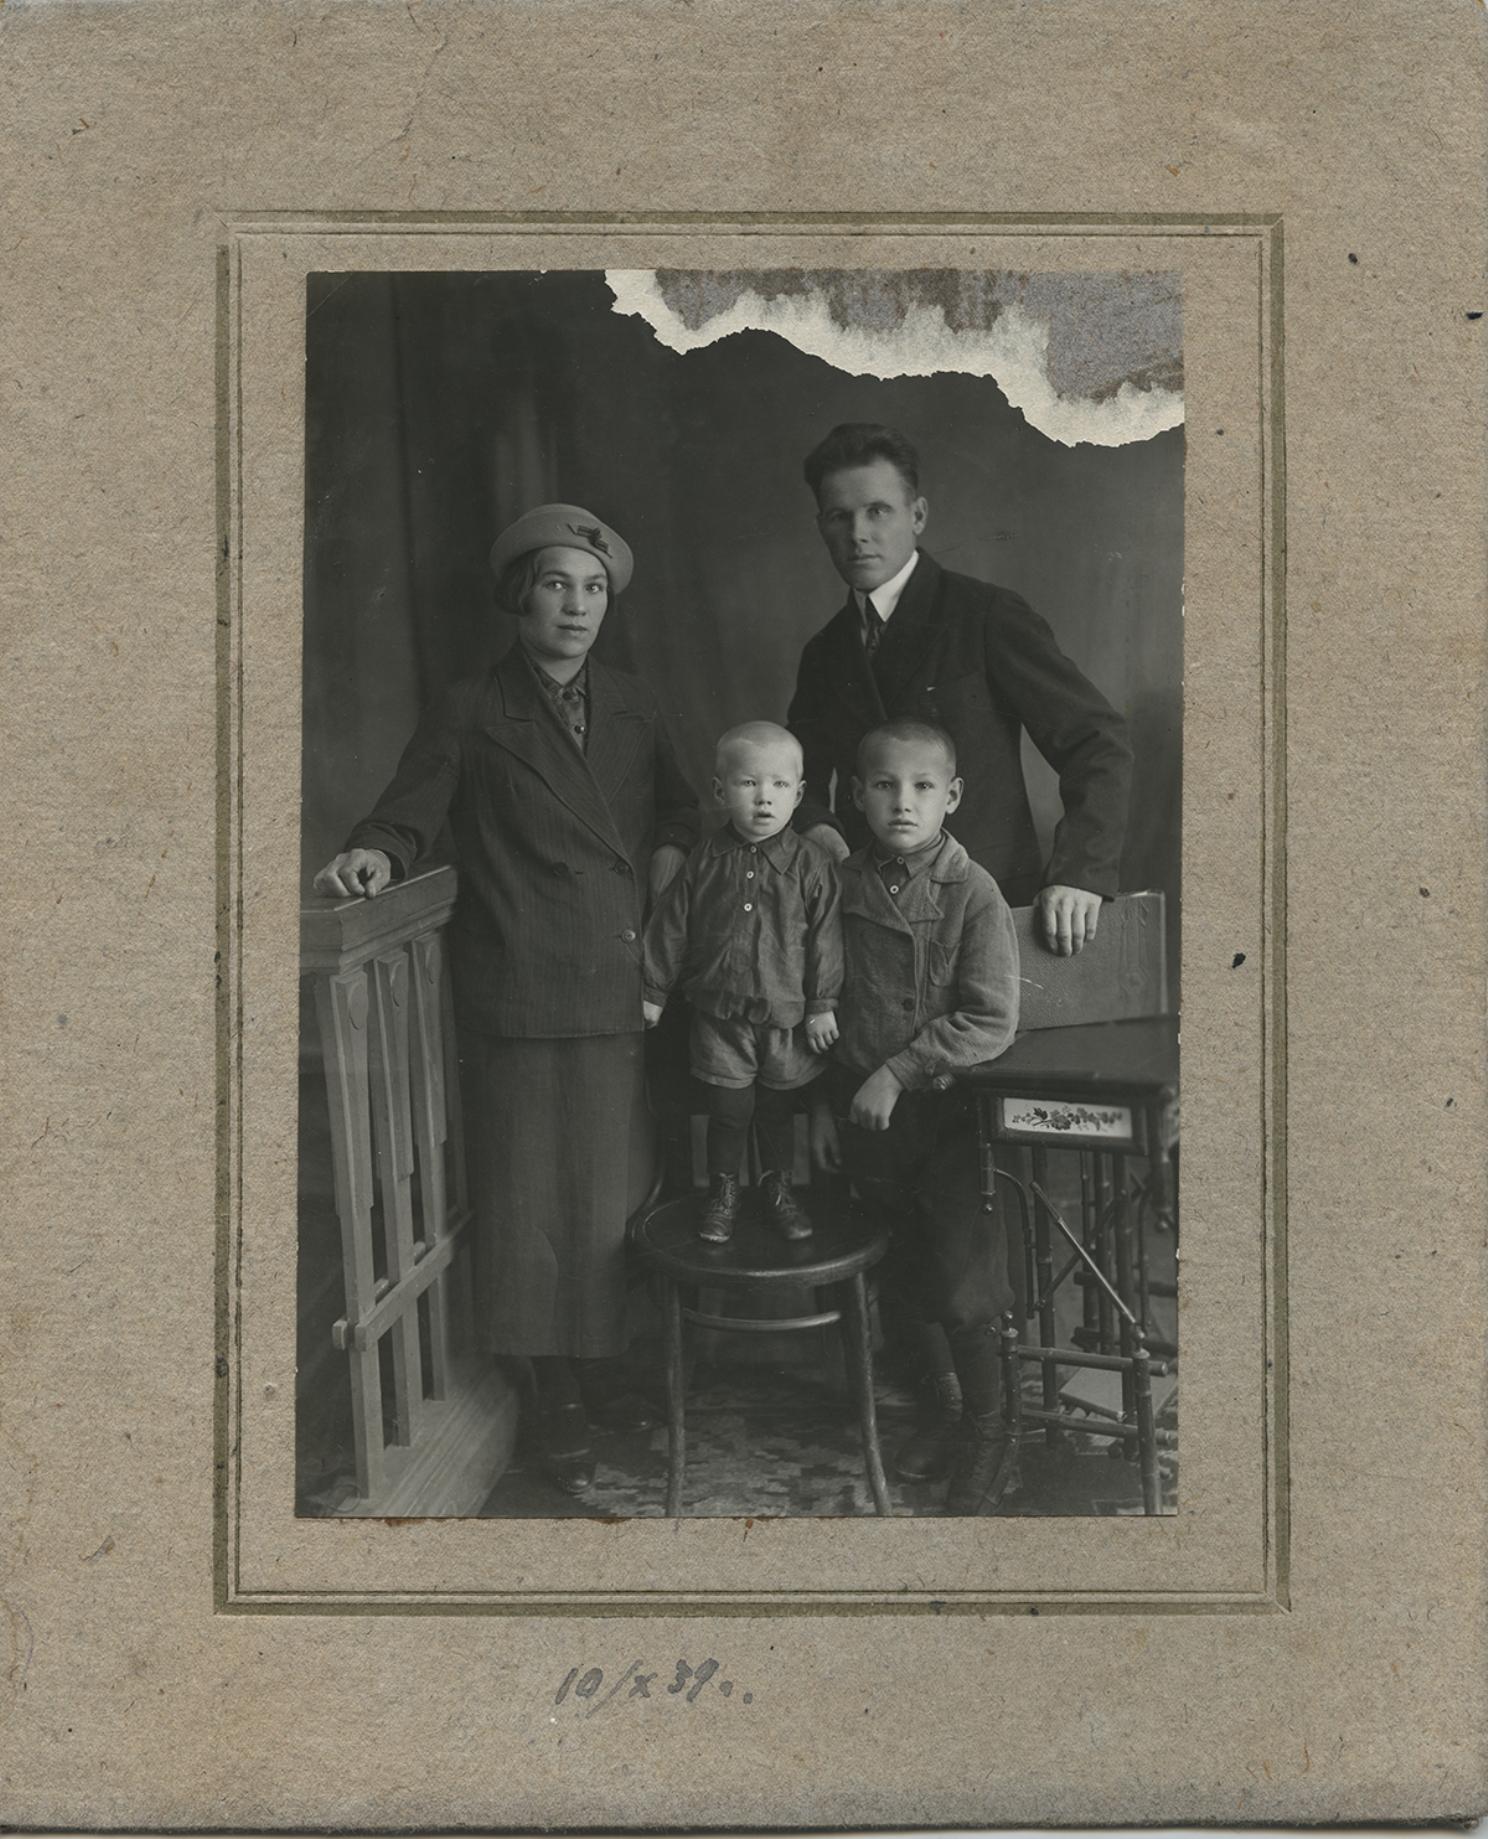 Борис Николаевич Ельцин с родителями и братом. Детство. 1939 год